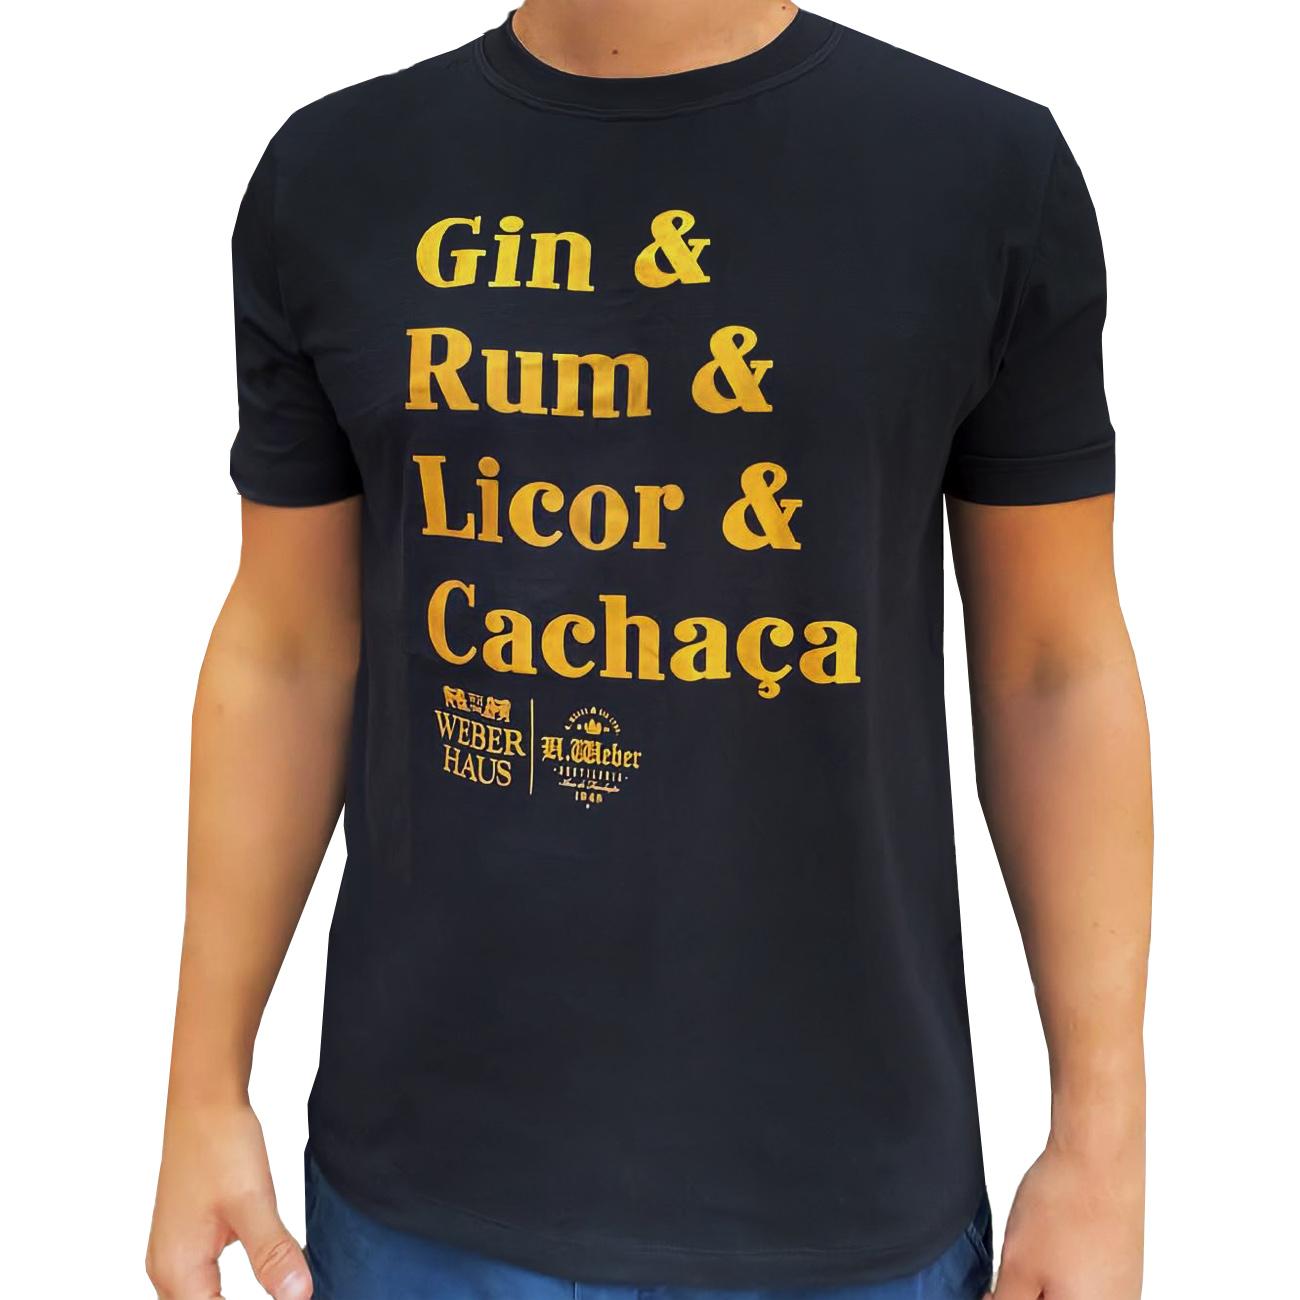 Camiseta Weber Haus Preta - Gin & Rum & Licor & Cachaça - Tamanho P